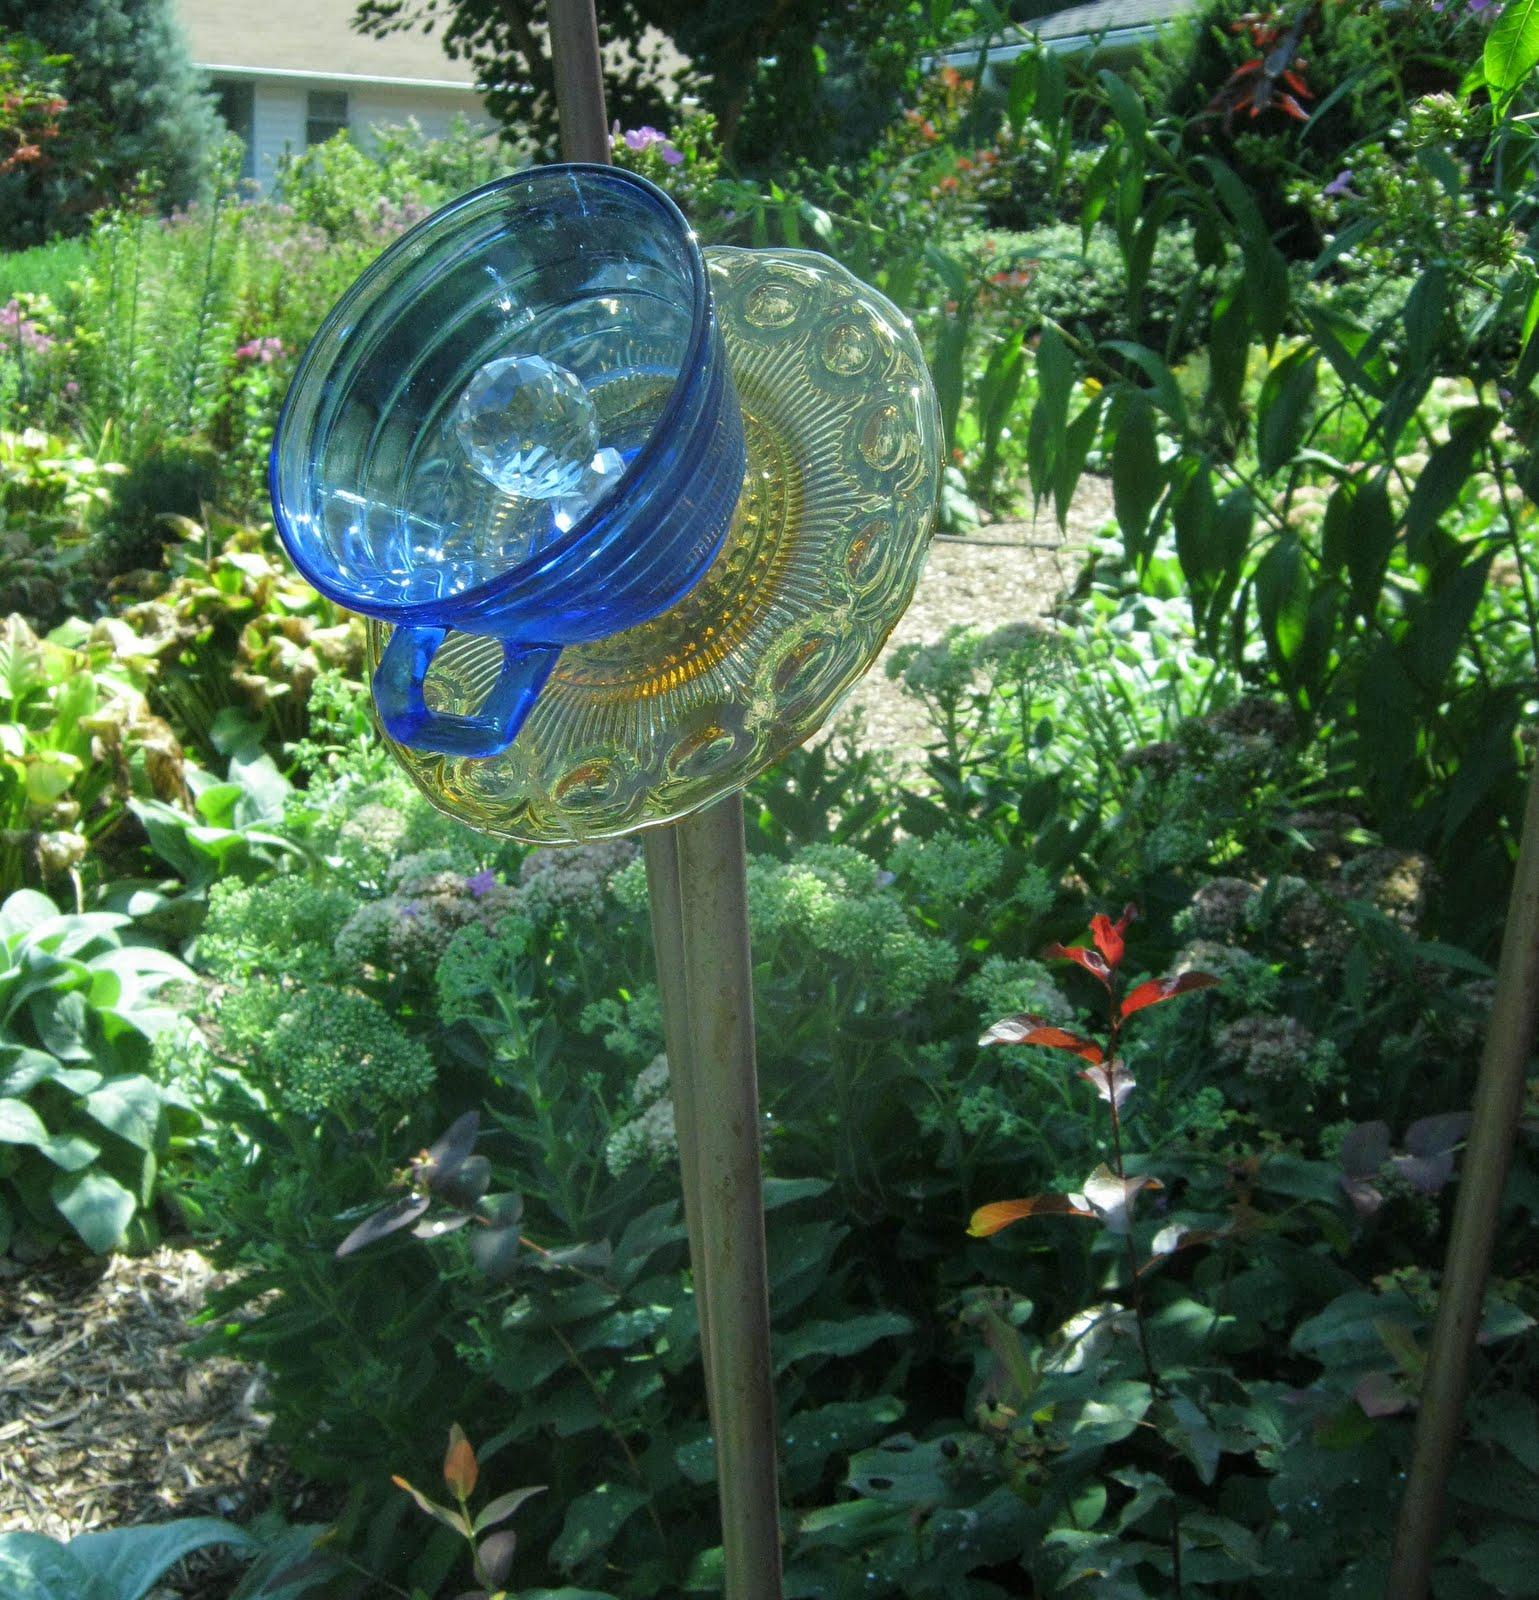 Sorta Fabulous Decorative Elements In The Garden